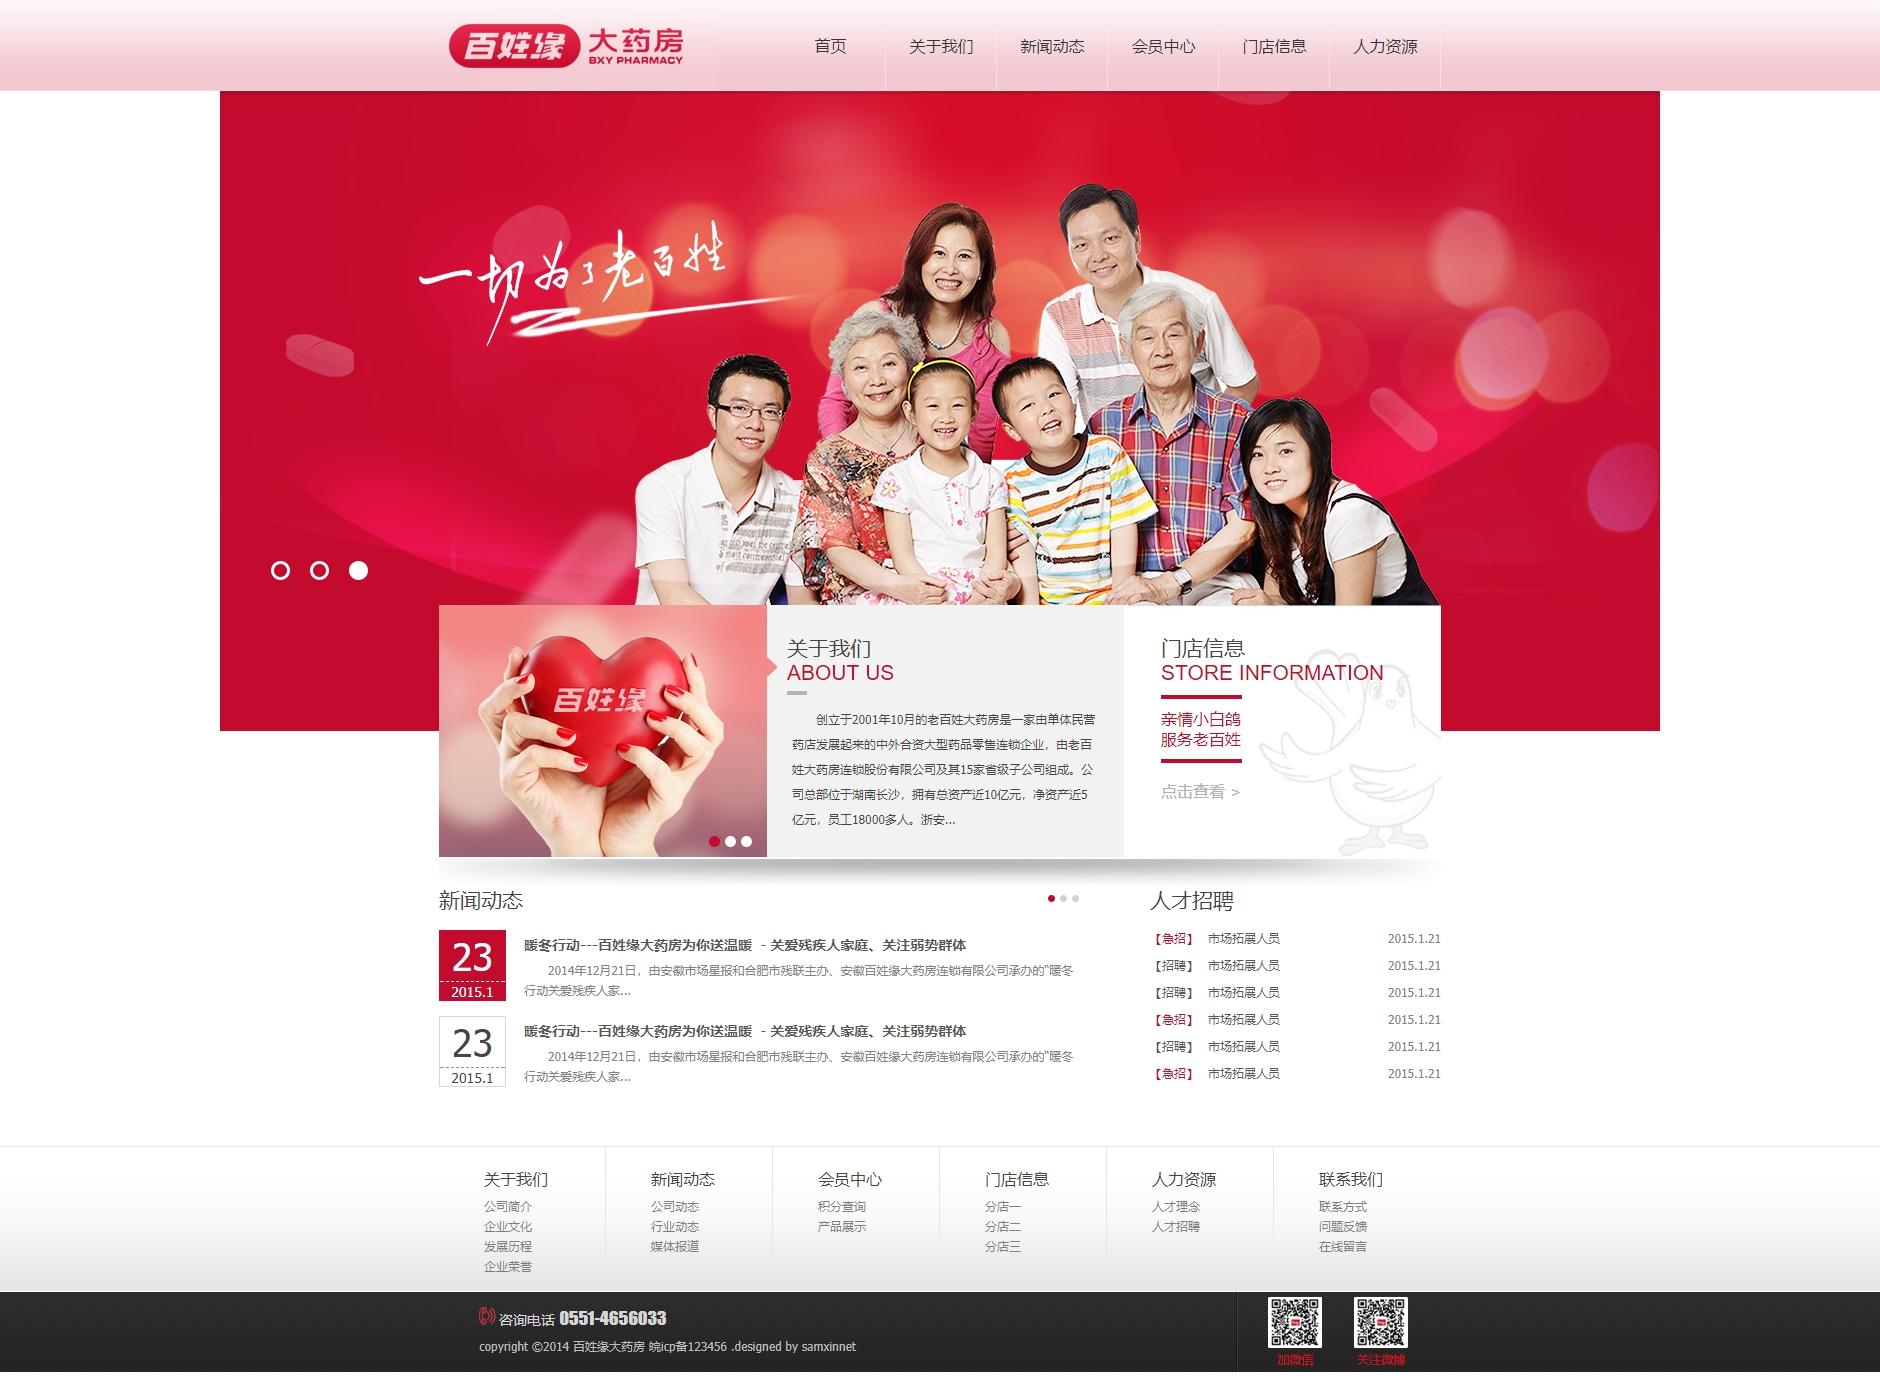 红色大气的百姓缘大药房官网模板html整站